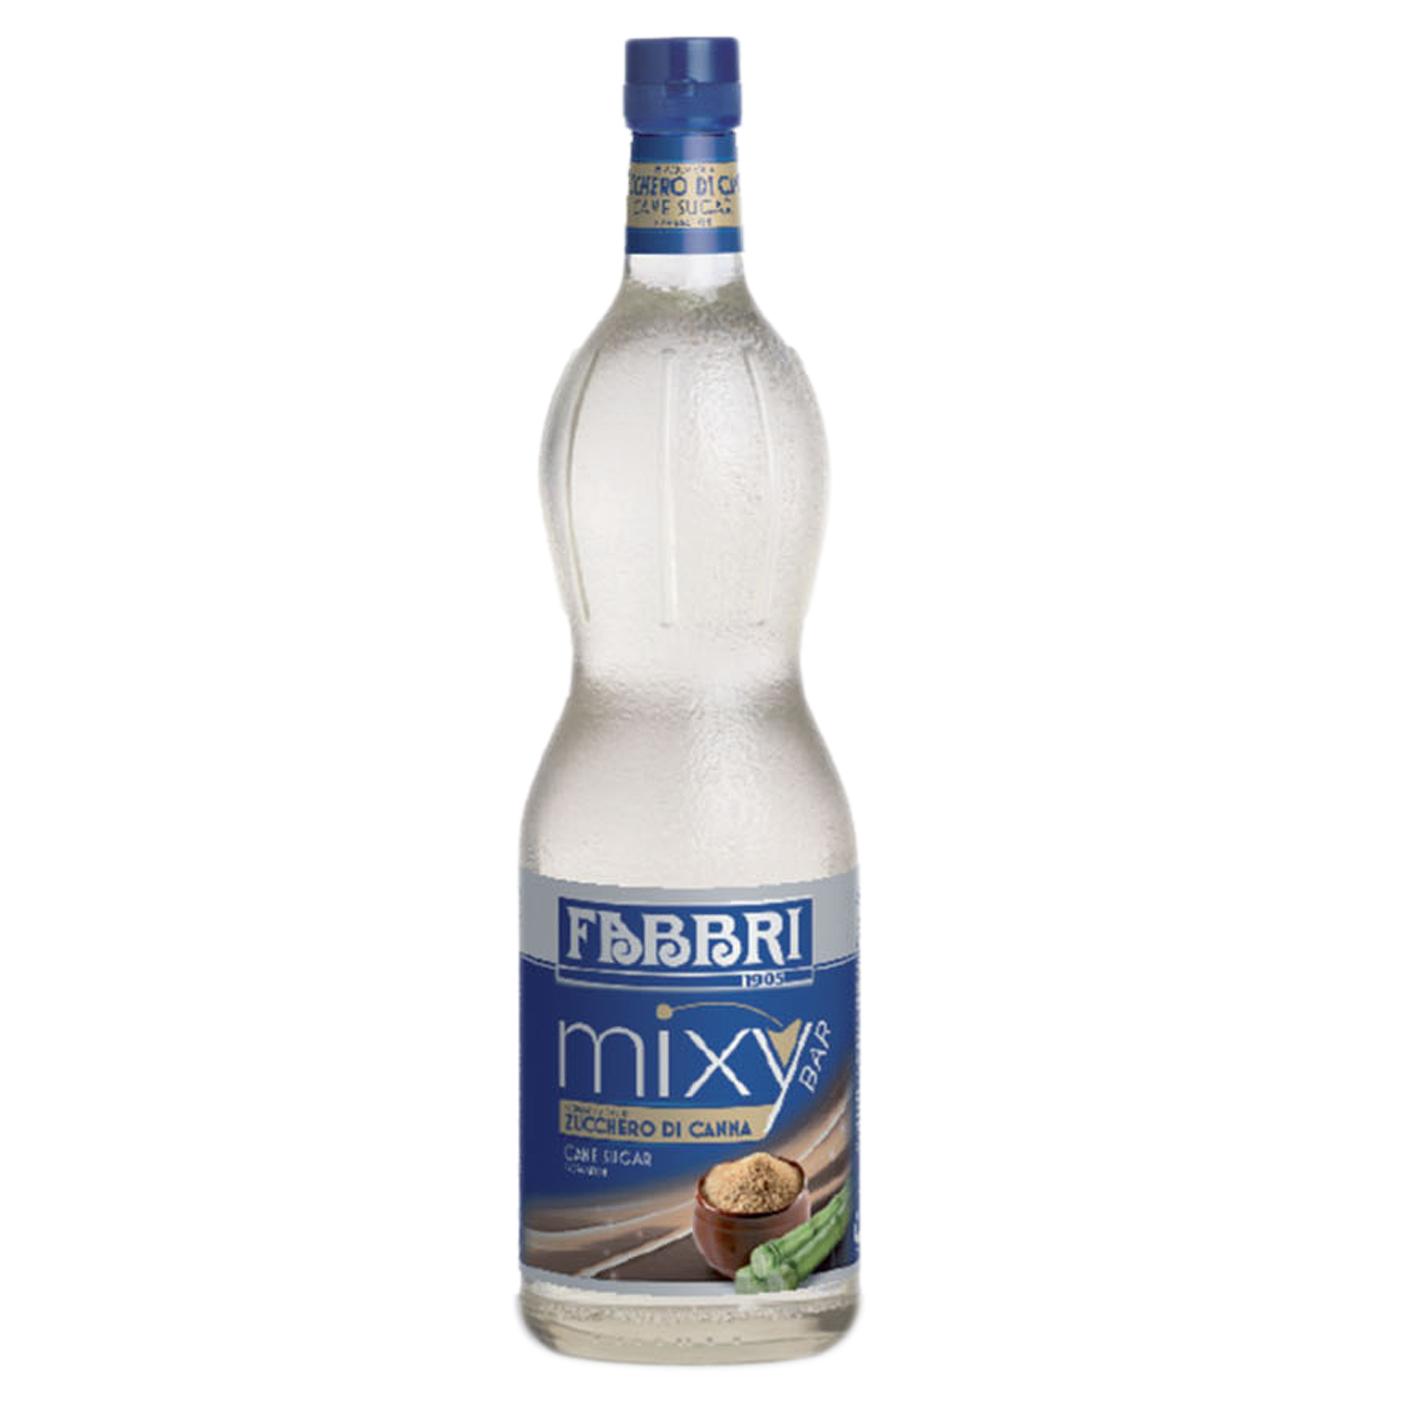 意大利FABBRI系列法布芮蔗糖糖浆